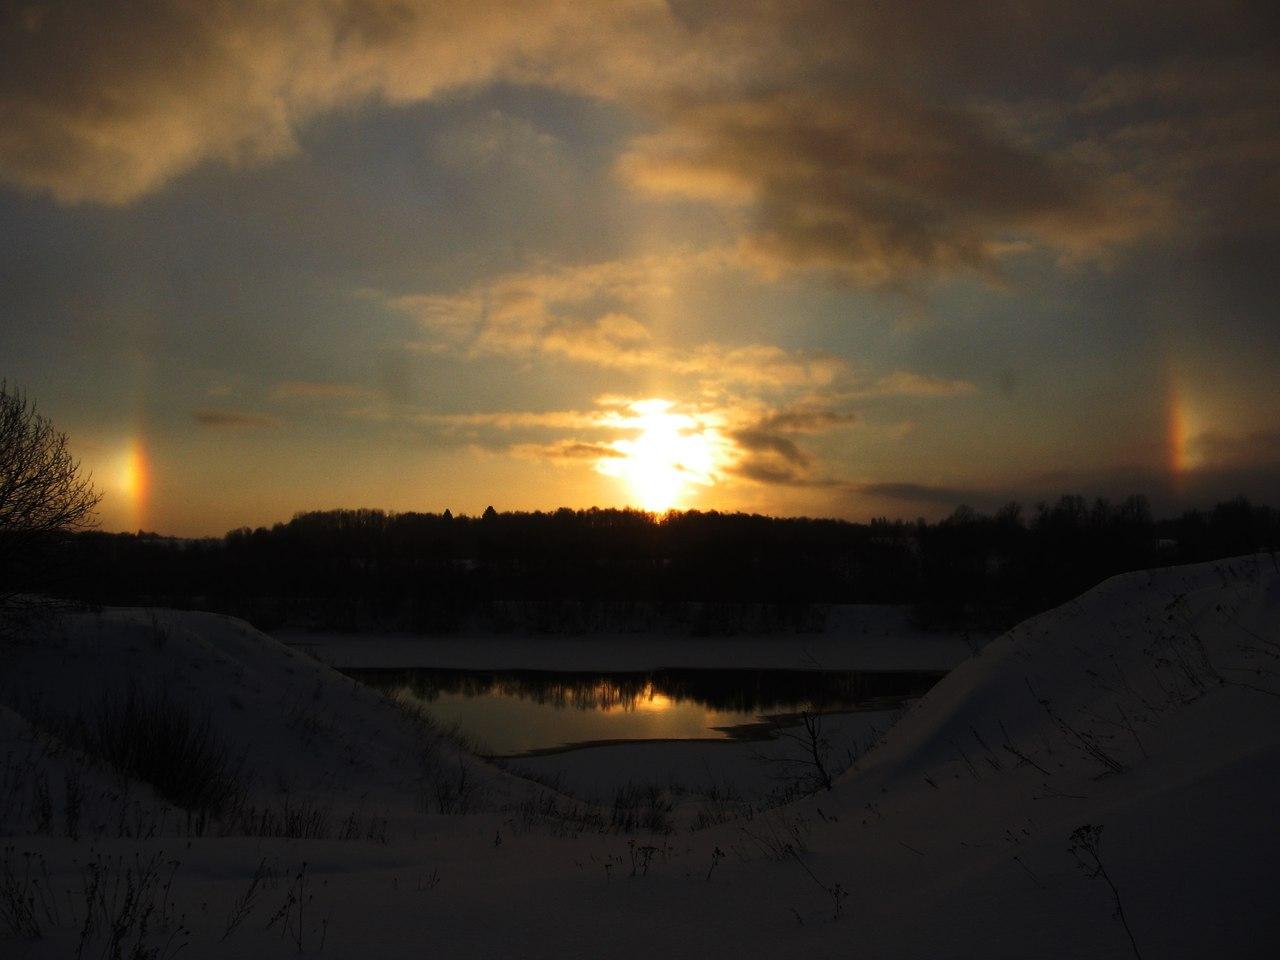 Необычные явления. Солнечное Гало в декабре. Село Старая Ладога, Ленобласть